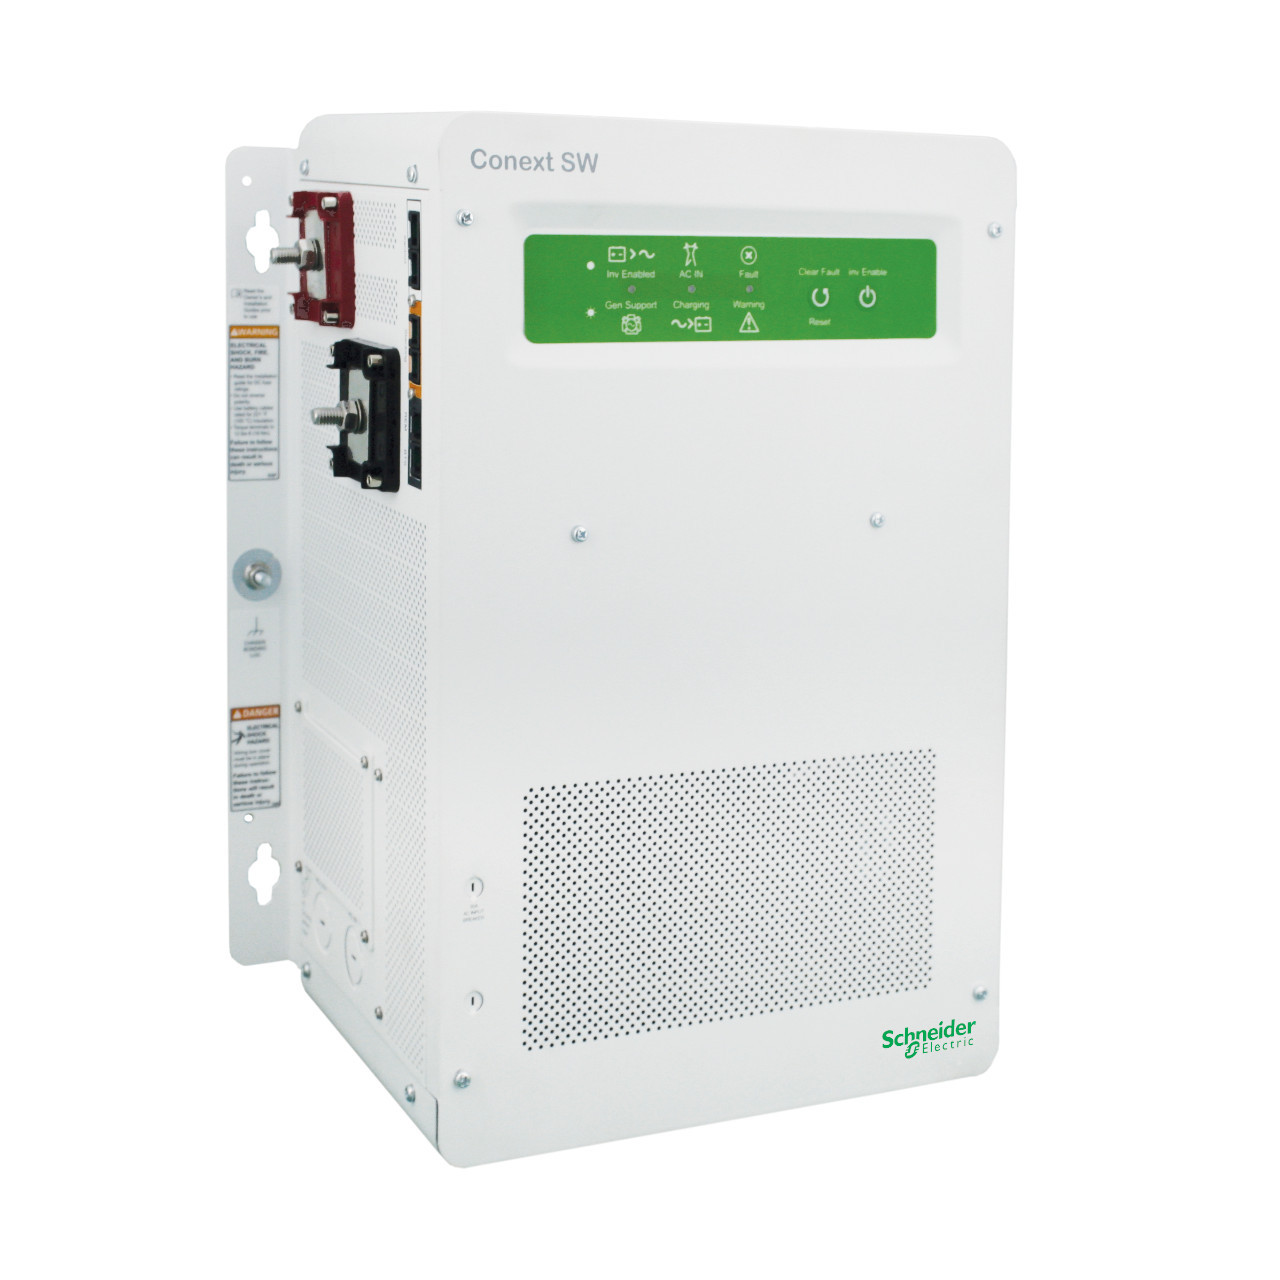 Schneider - Conext SW 4024 Hybrid Inverter